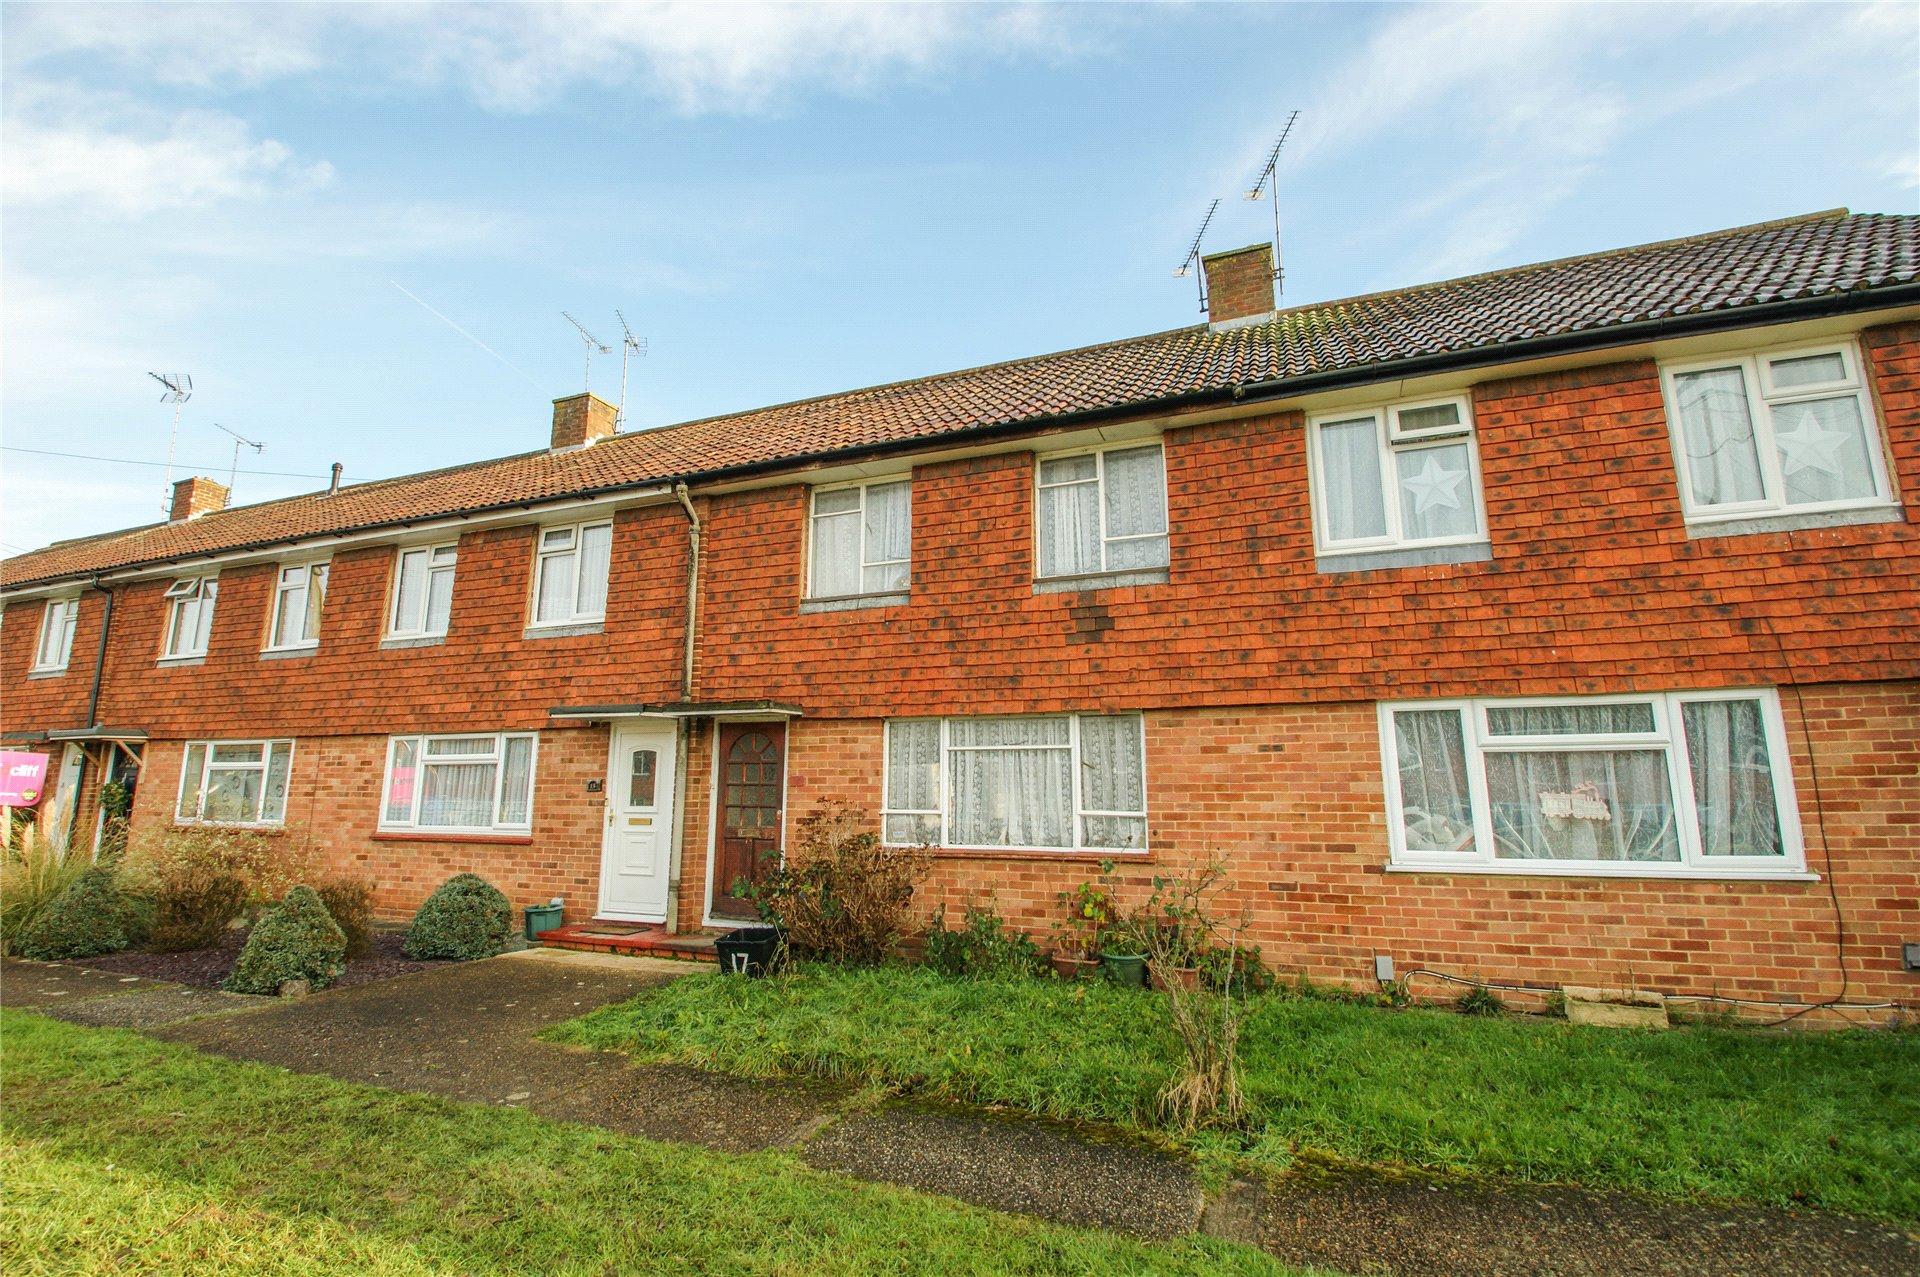 2 Bedrooms Terraced House for sale in Ashridge Road, Wokingham, Berkshire, RG40